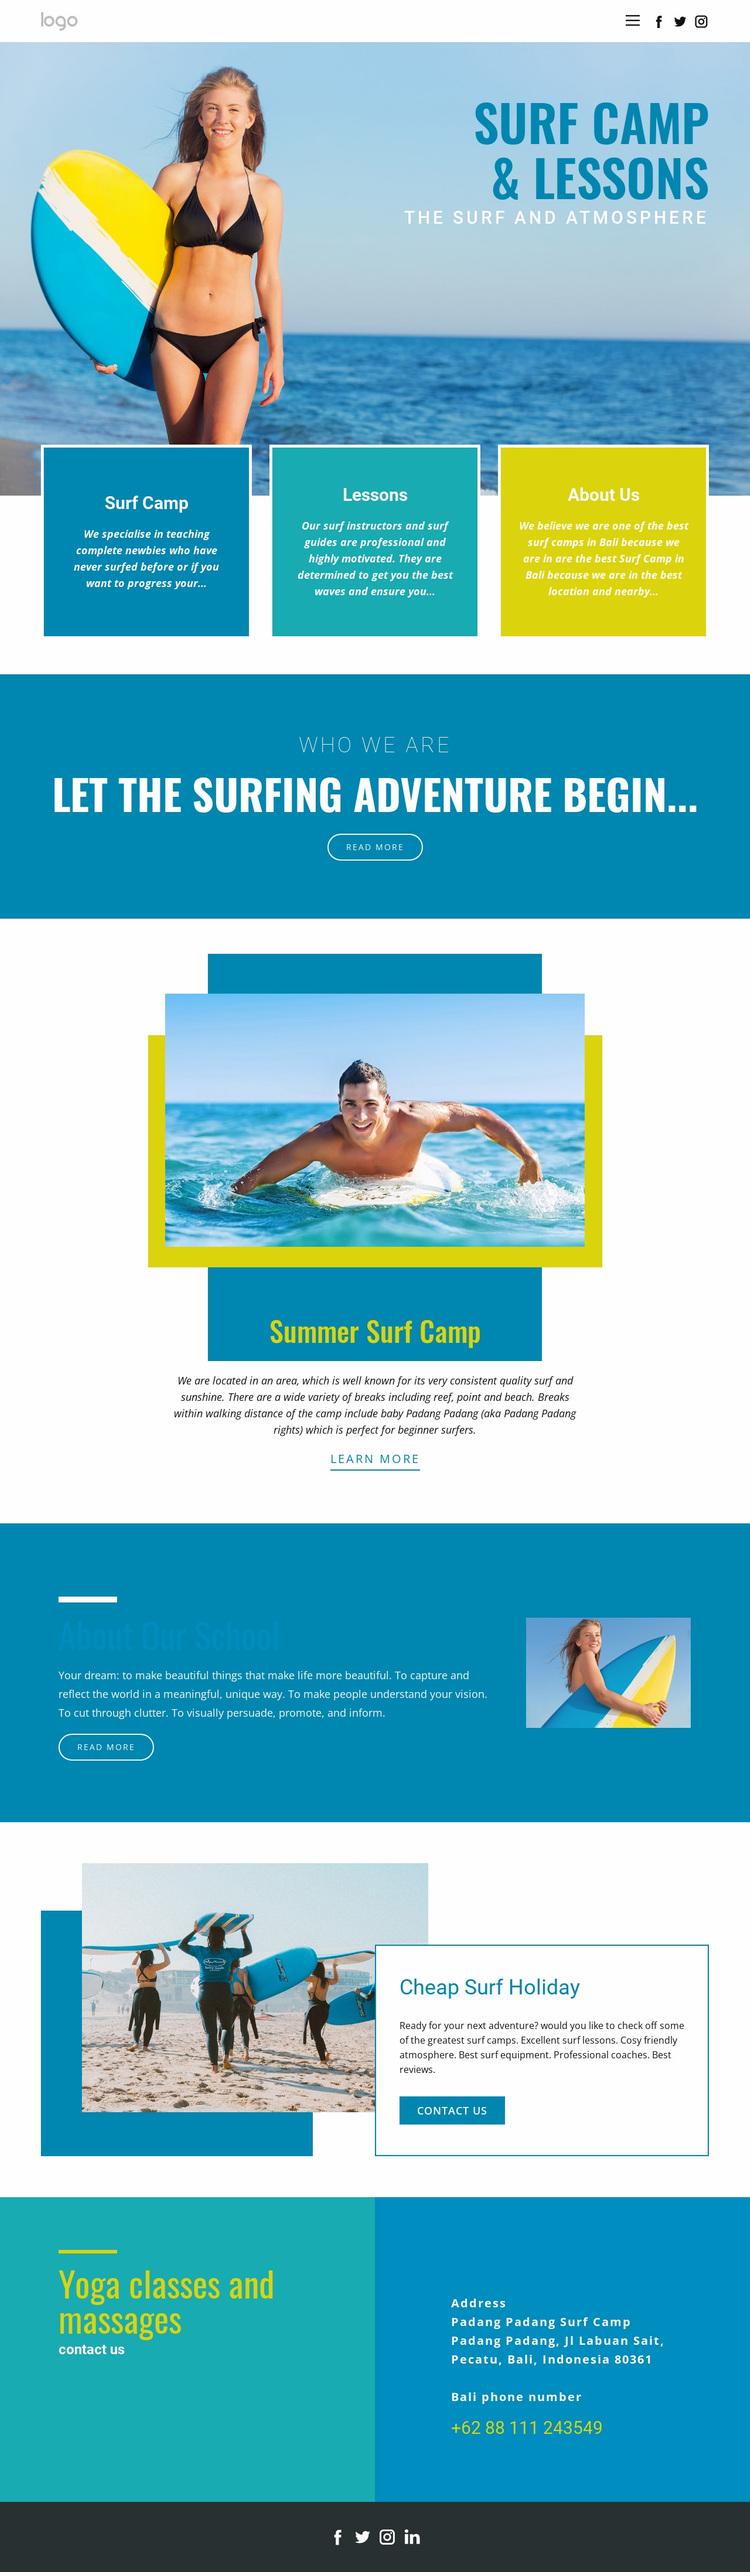 Camp for summer sports Website Design